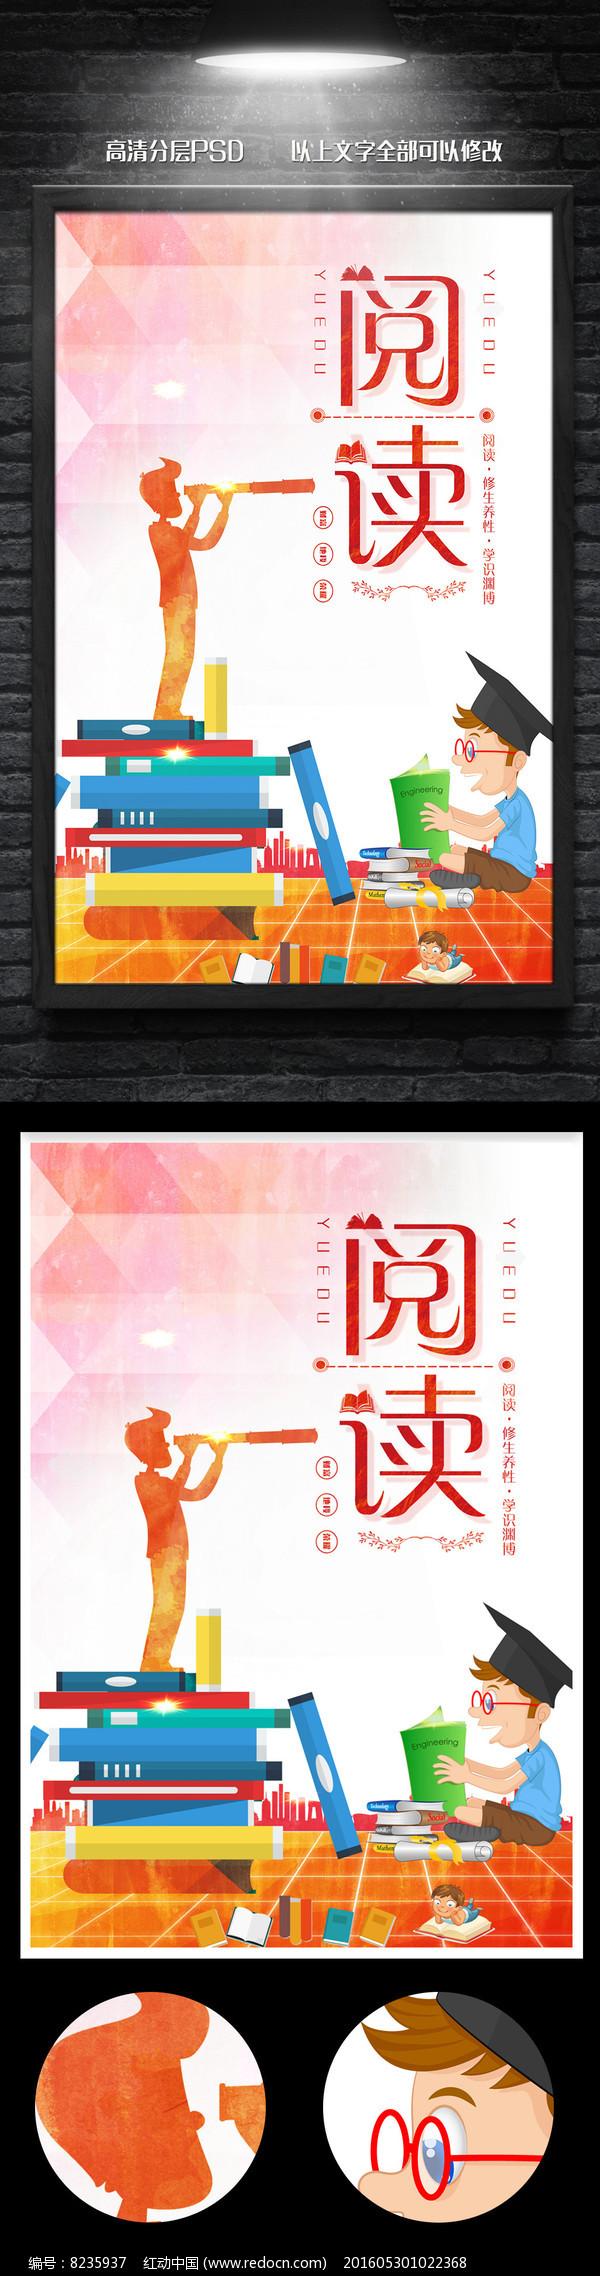 创意手绘阅读读书海报宣传设计